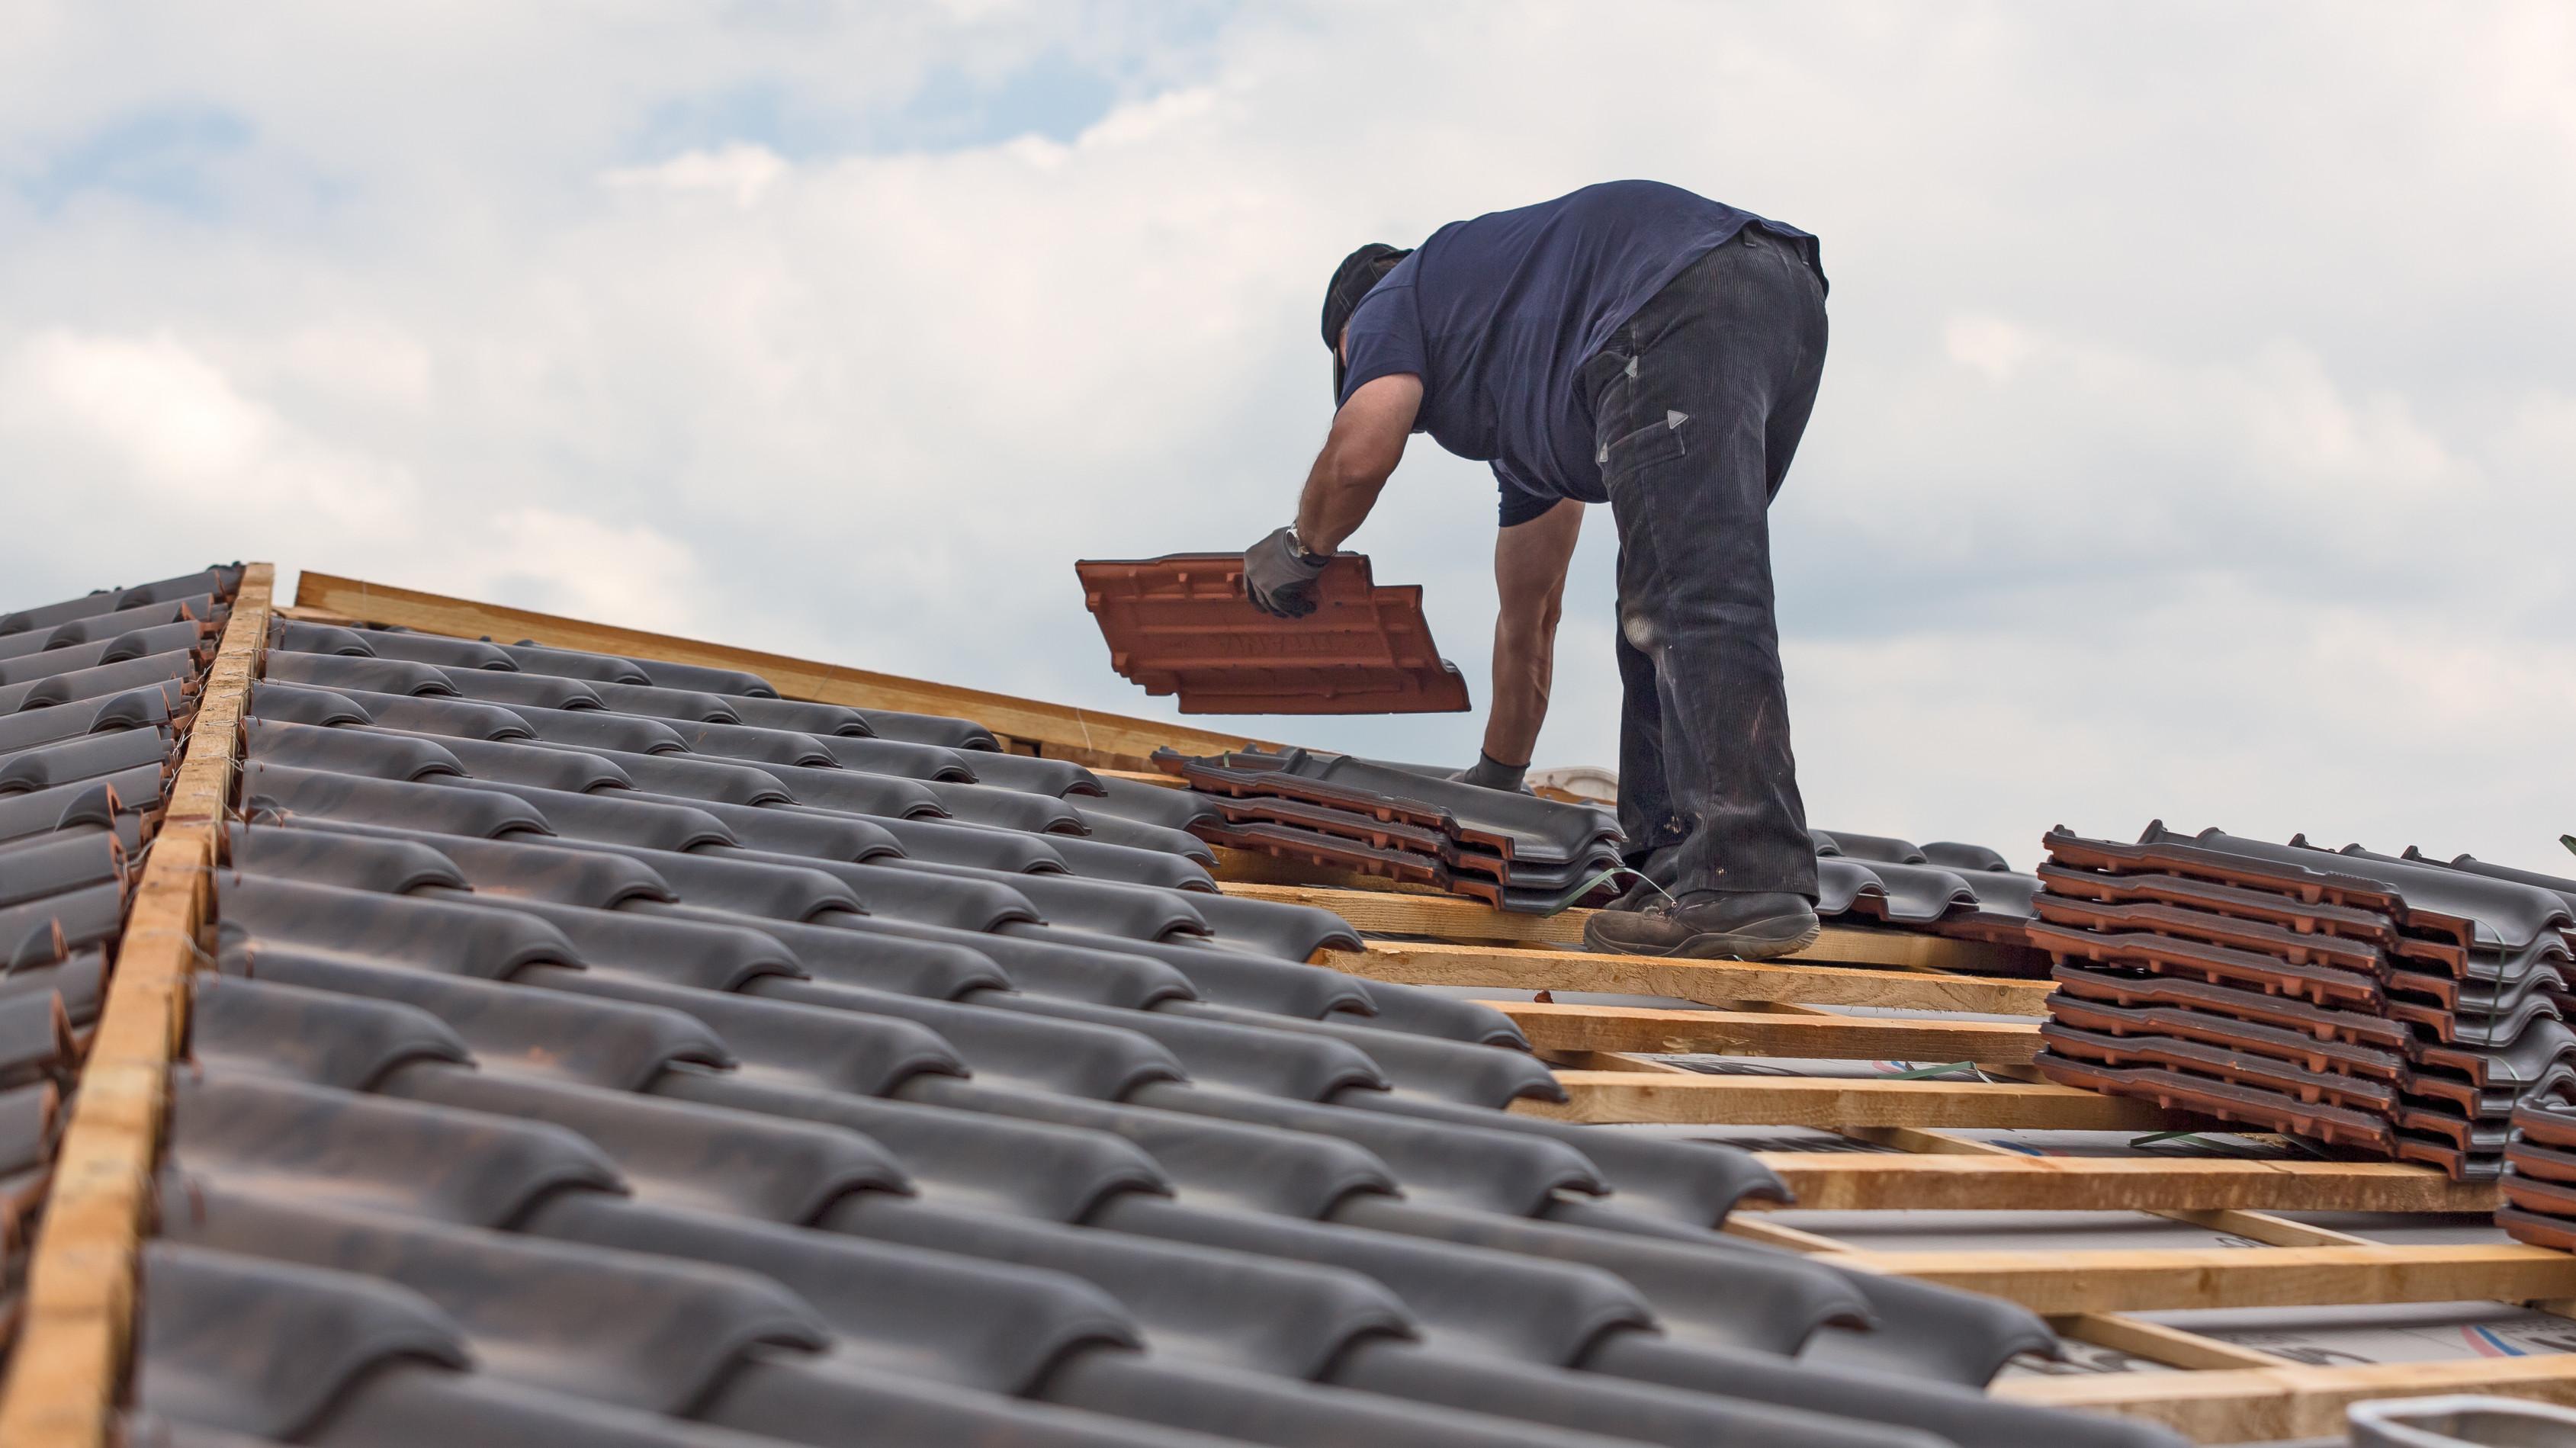 Dachdecker deckt Dach